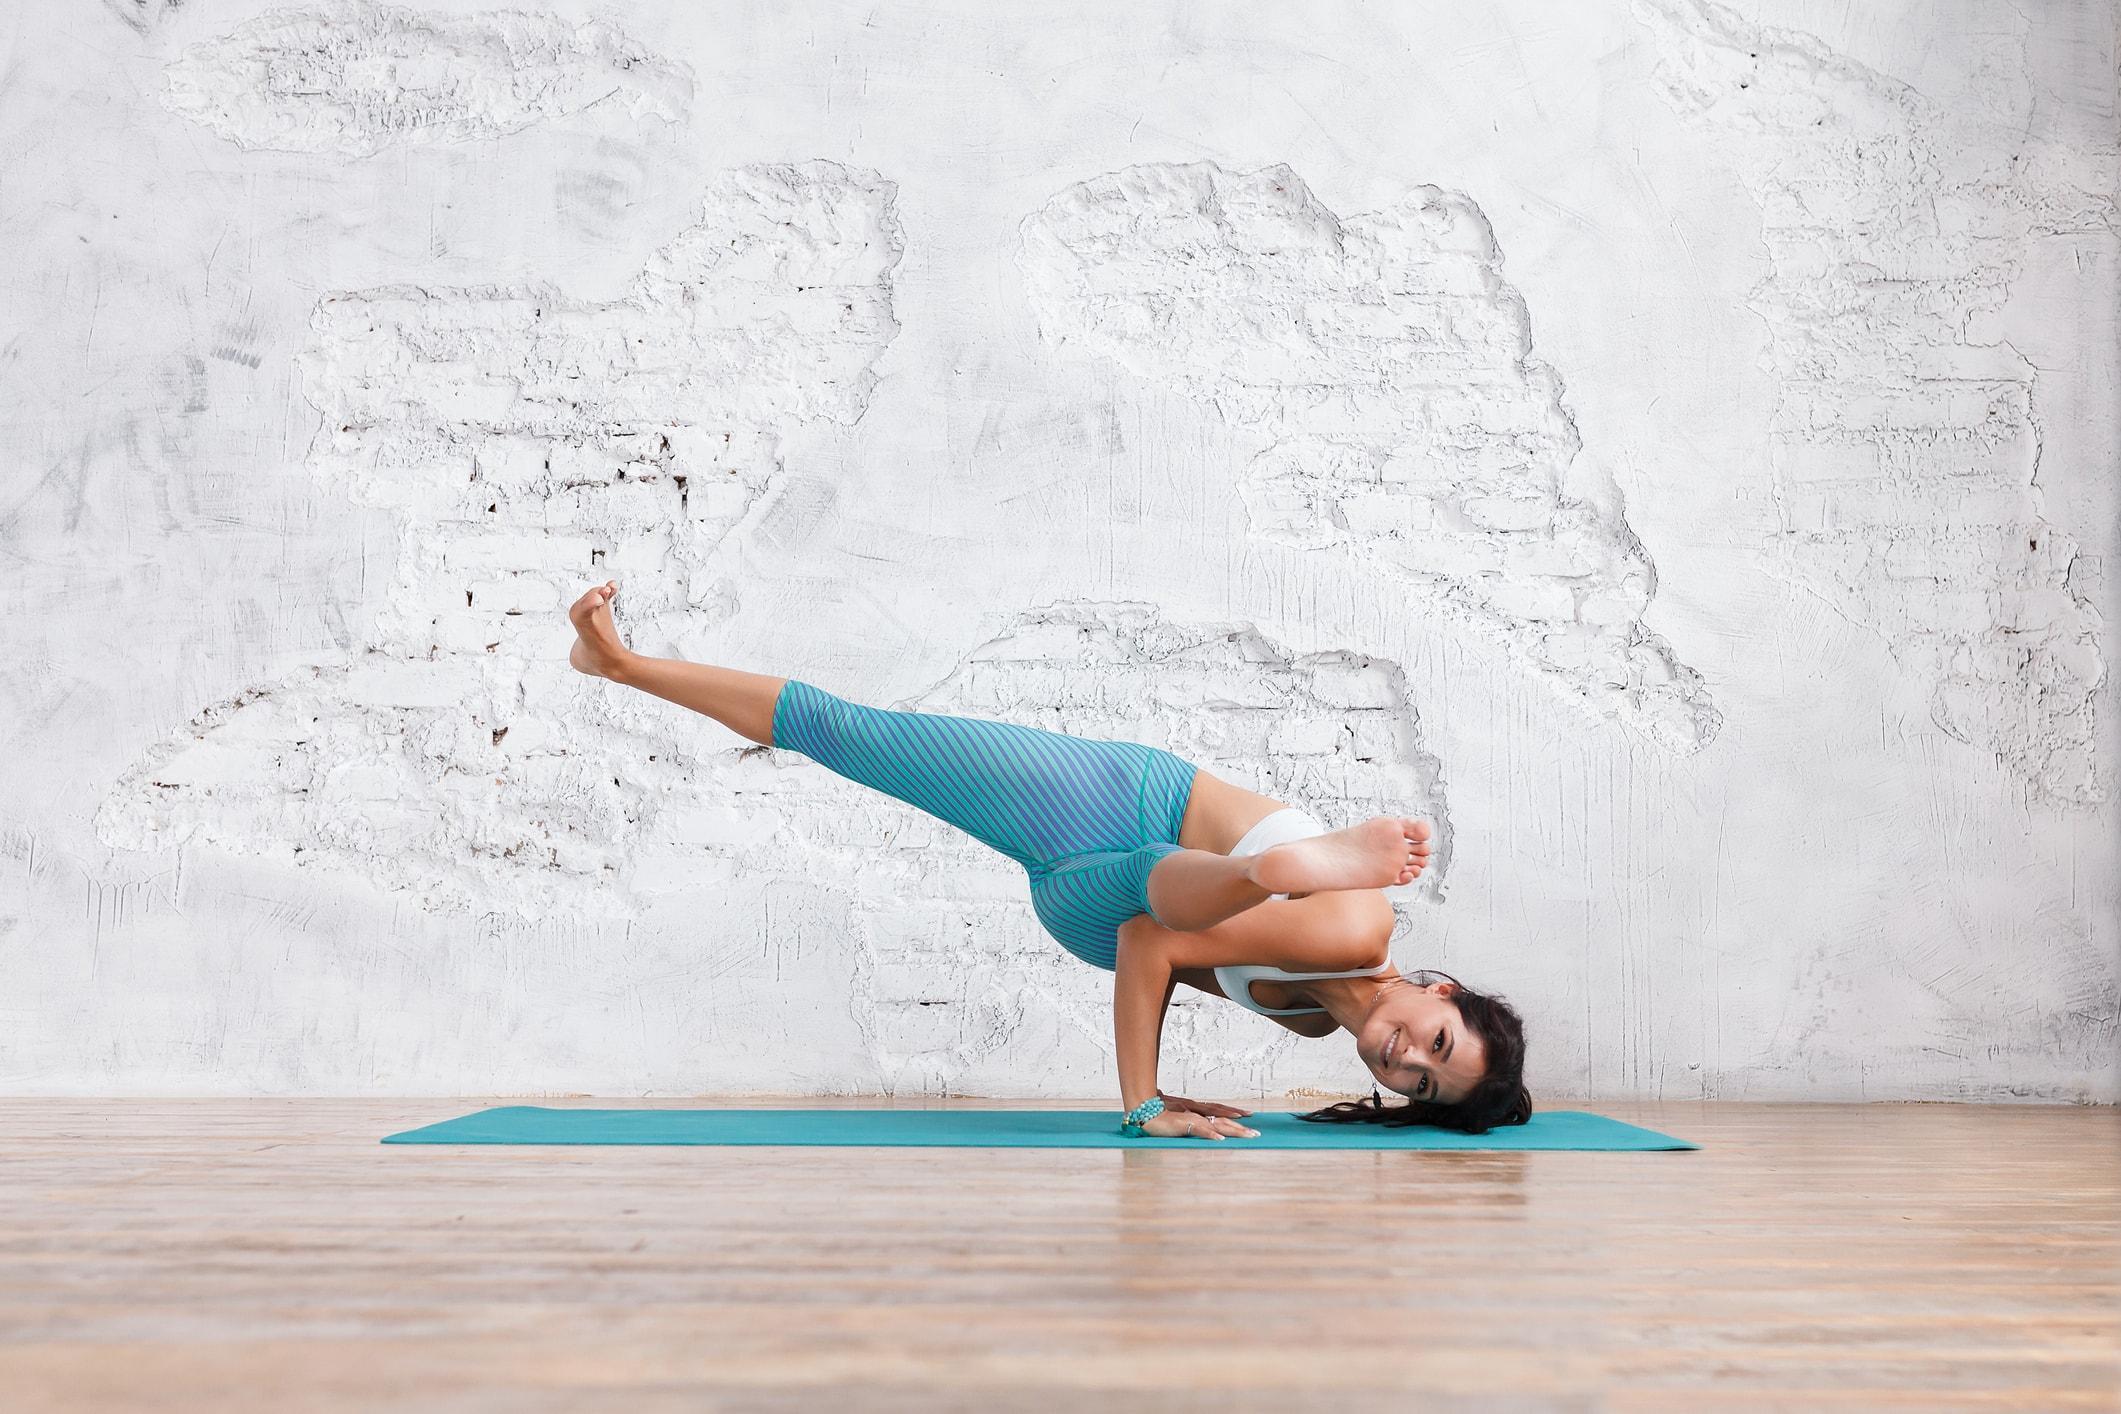 Frau treibt Yoga auf dem Teppich